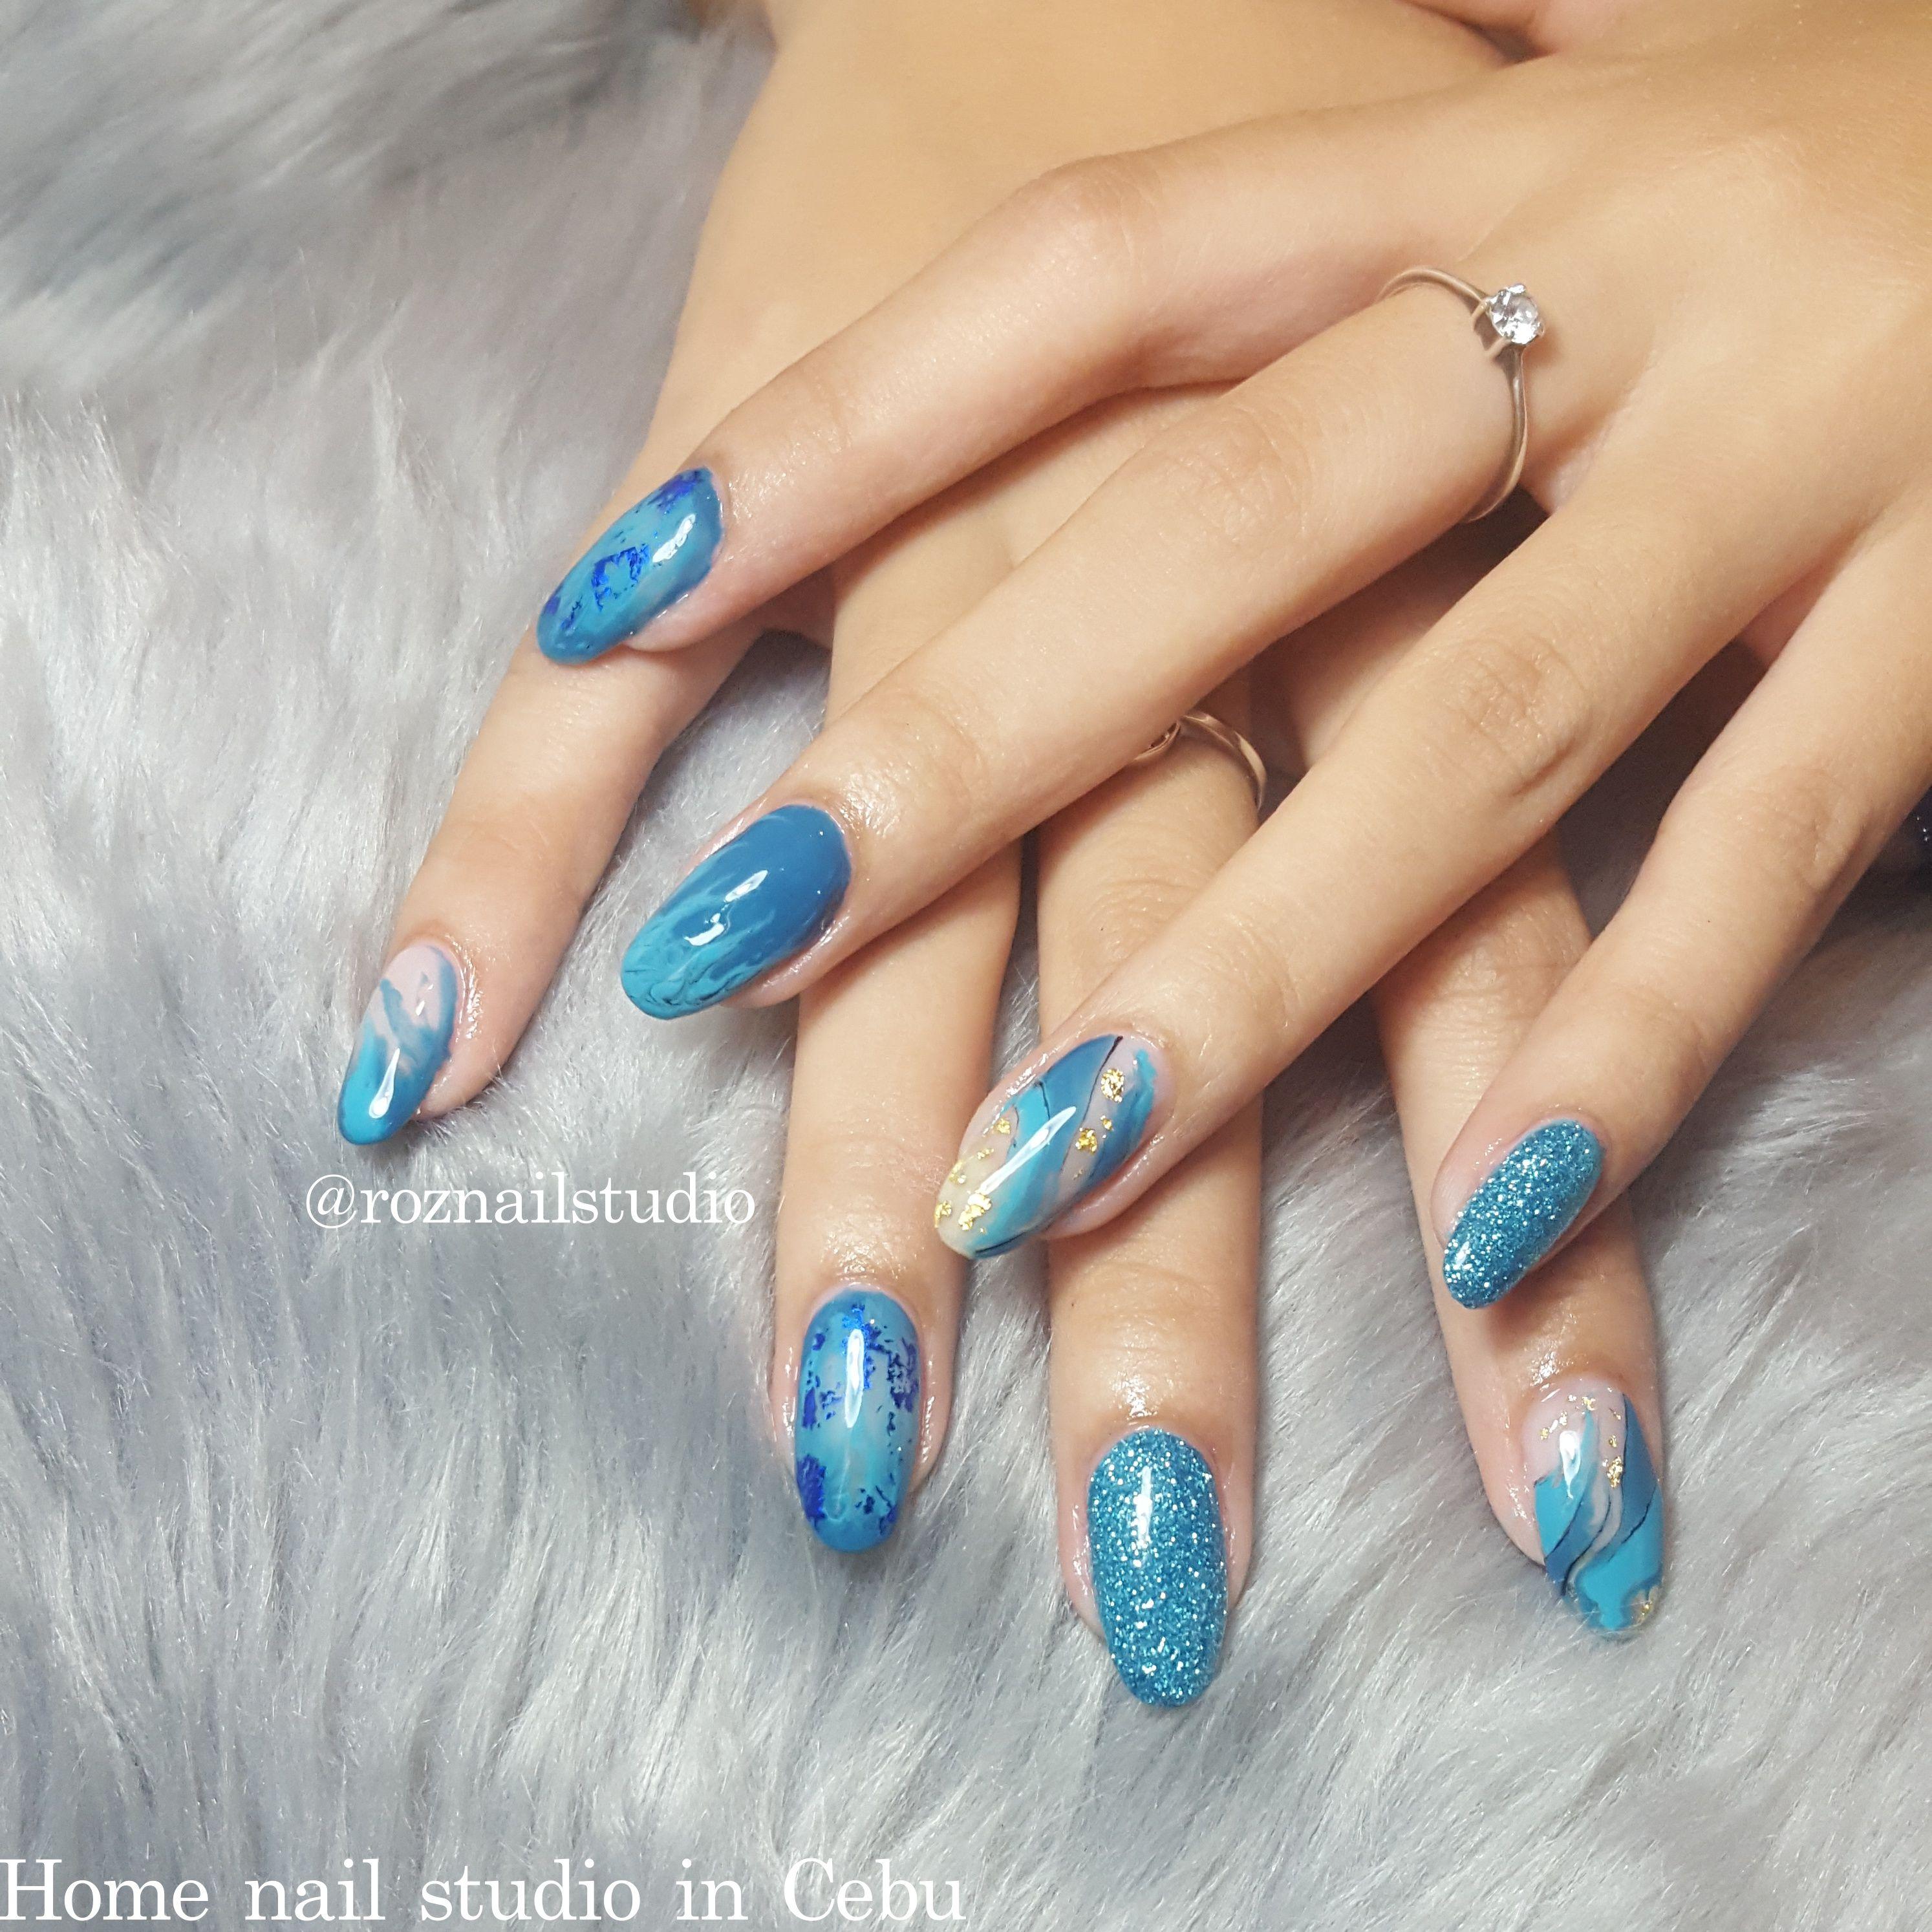 Gel Overlay With Custom Blue Luxury Gel Design By N Roz Owner Of Roz Nail Studio Cebu Gel Designs Nail Studio Gel Overlay